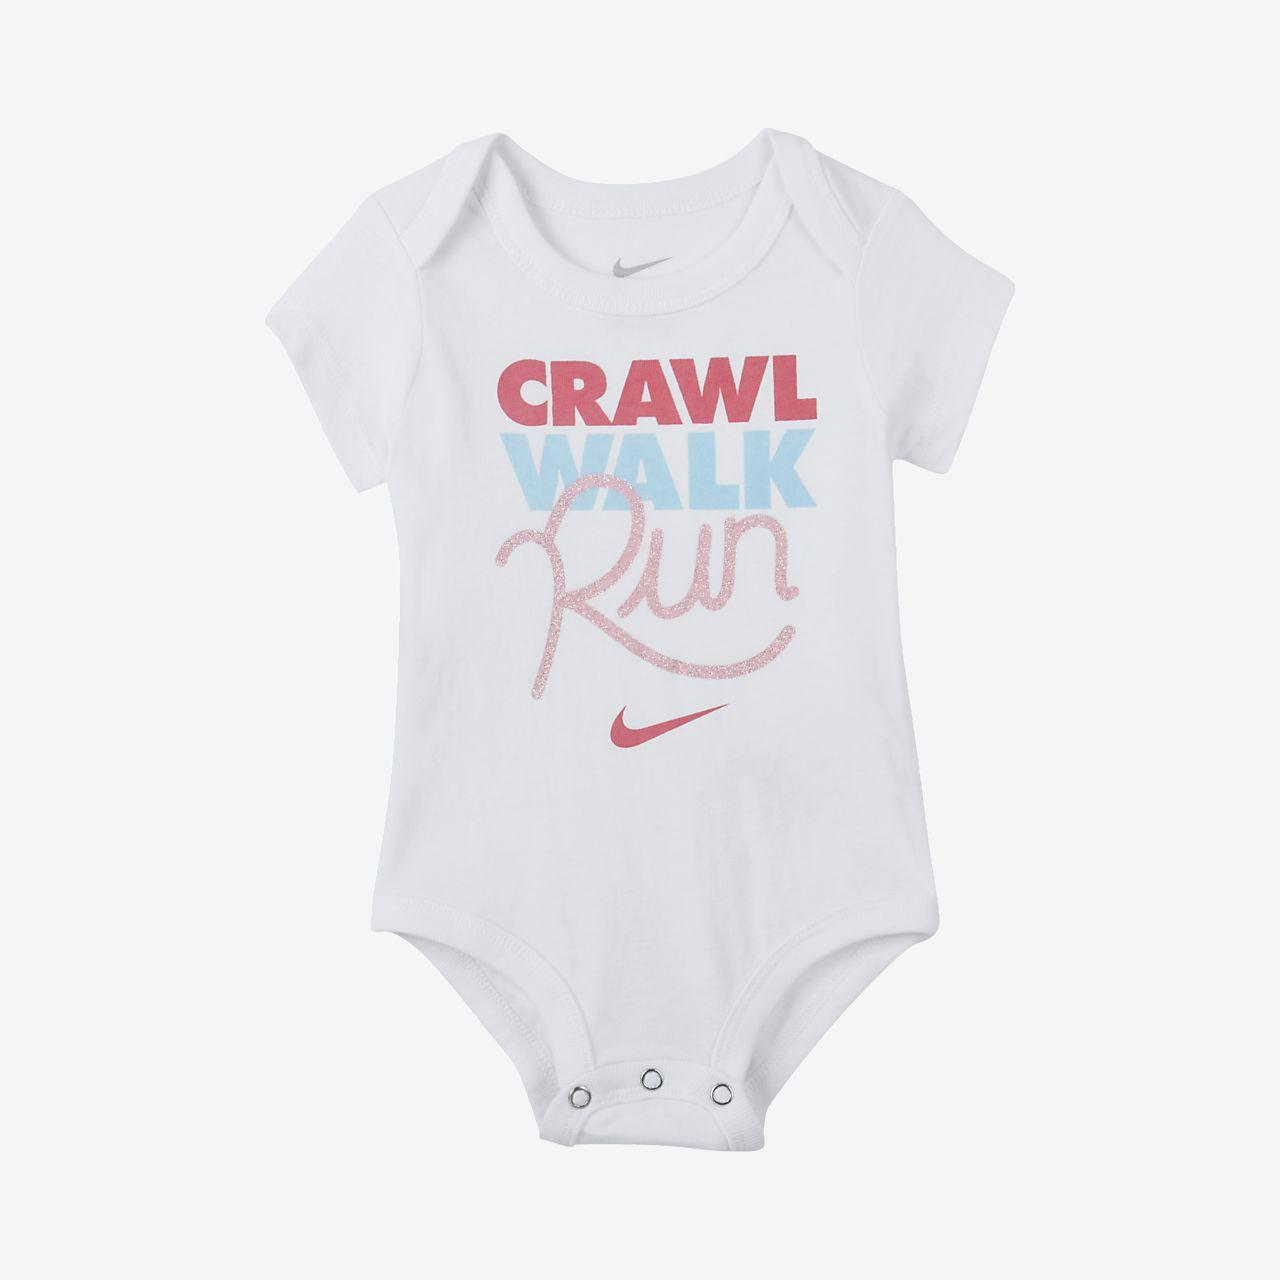 Body Nike för baby (0-9 mån)